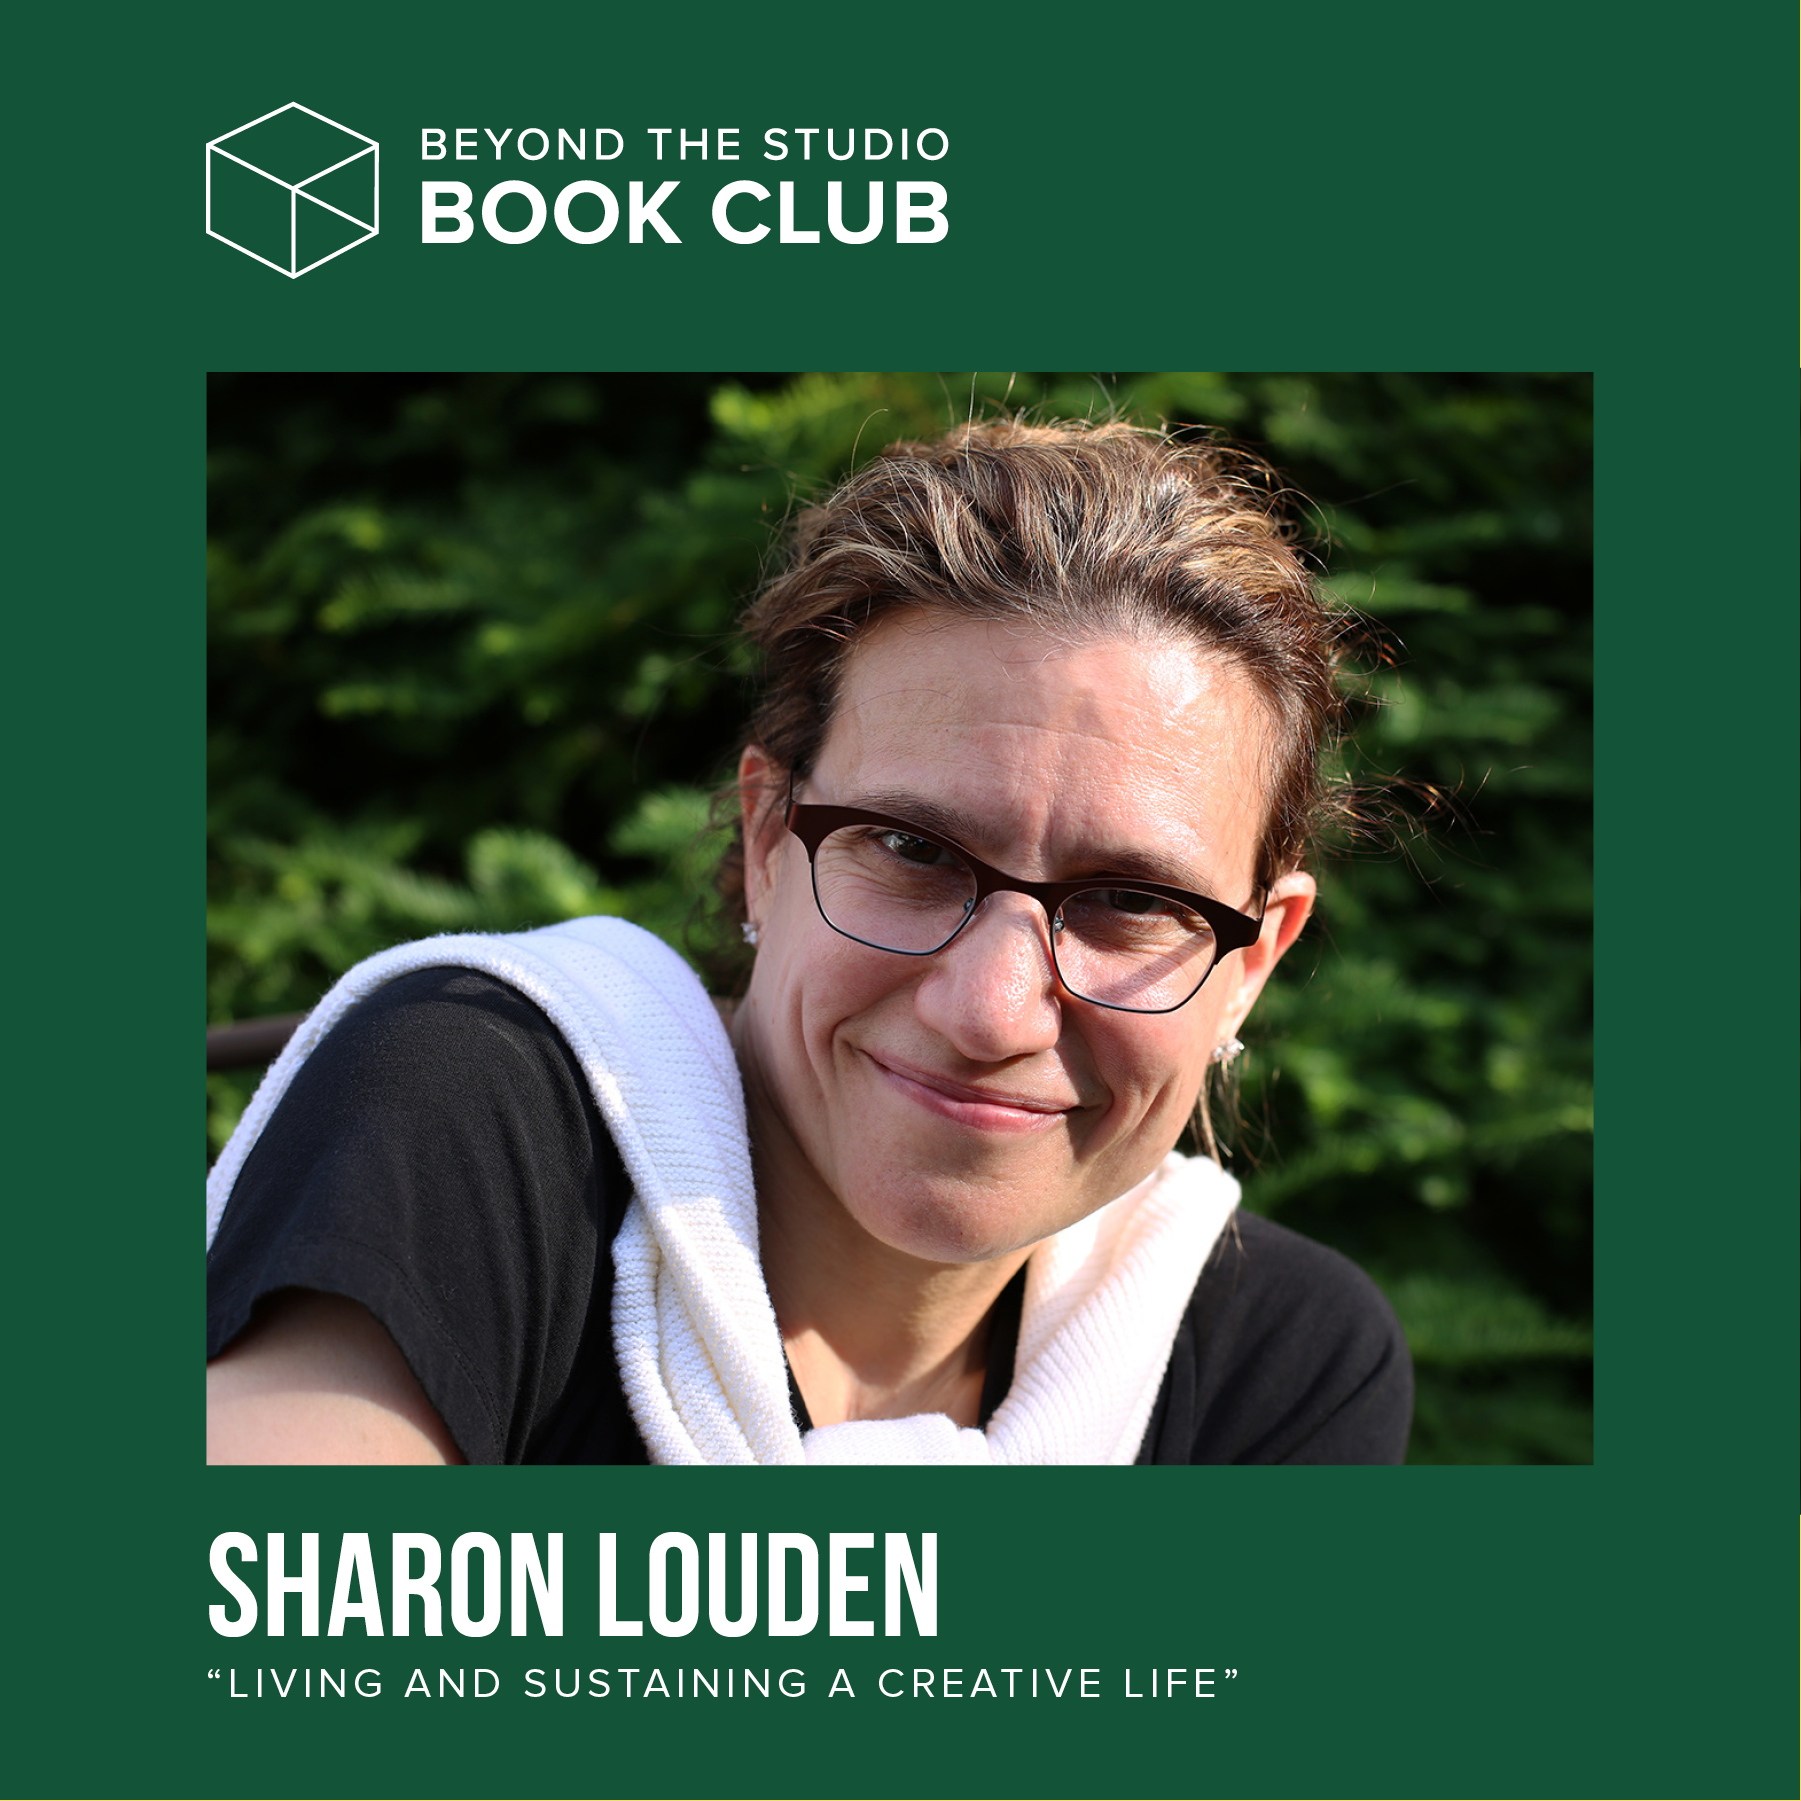 AnnouncementImage_SharonLouden.jpg